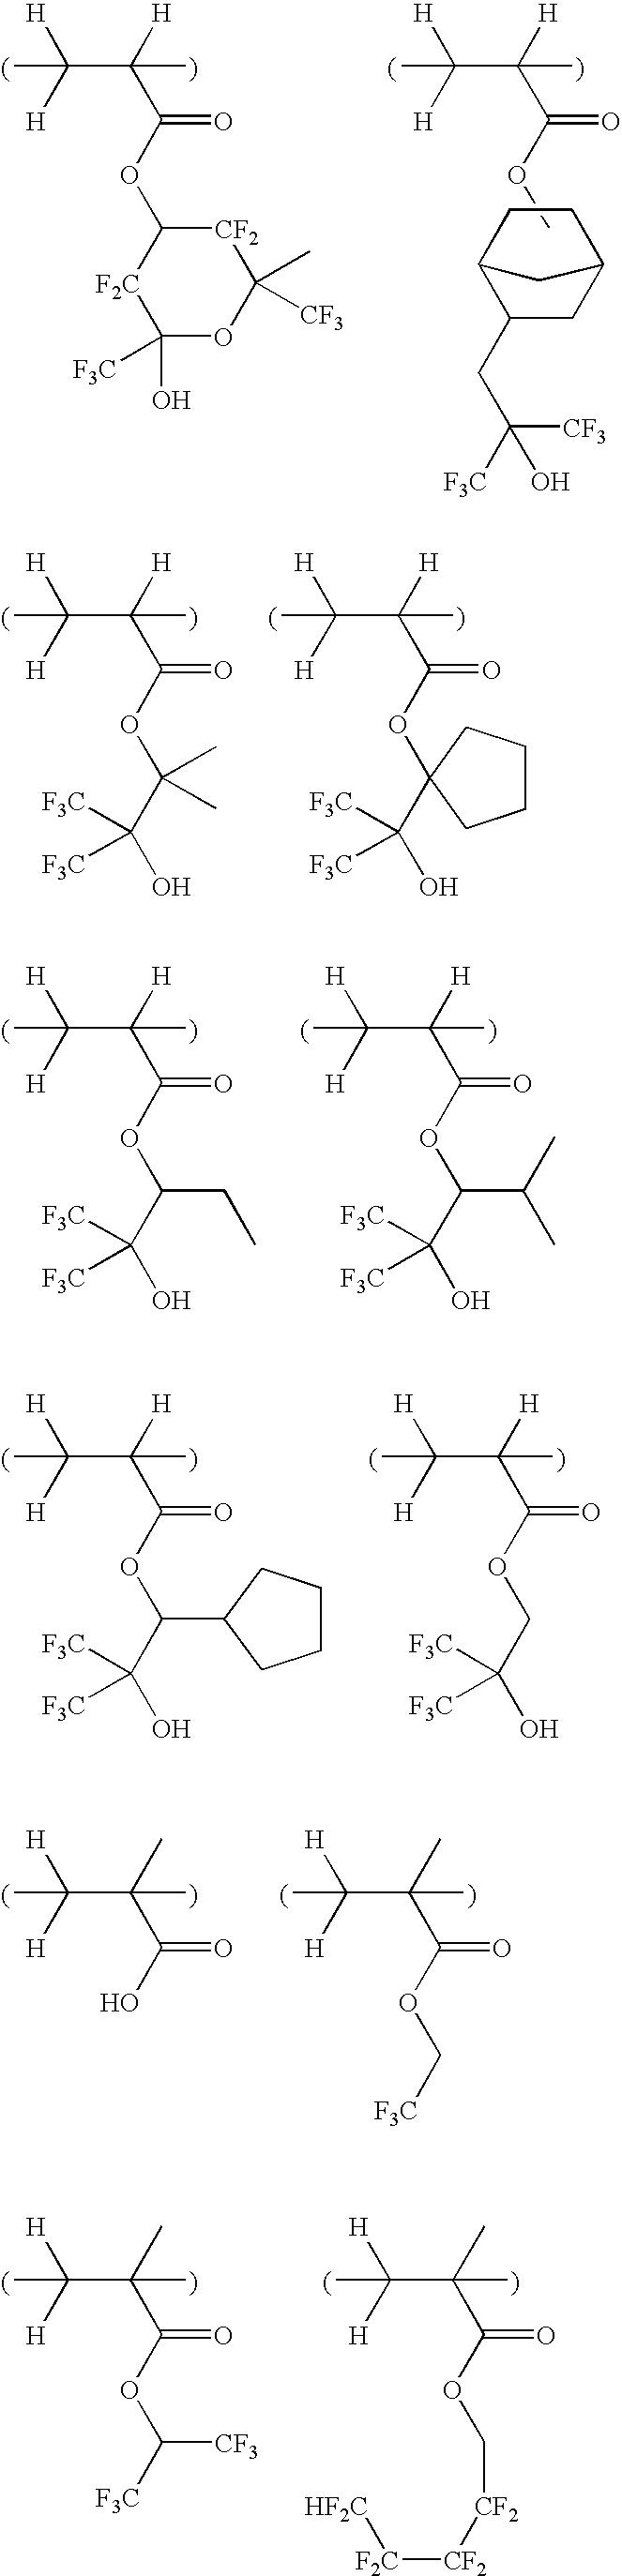 Figure US07569326-20090804-C00044